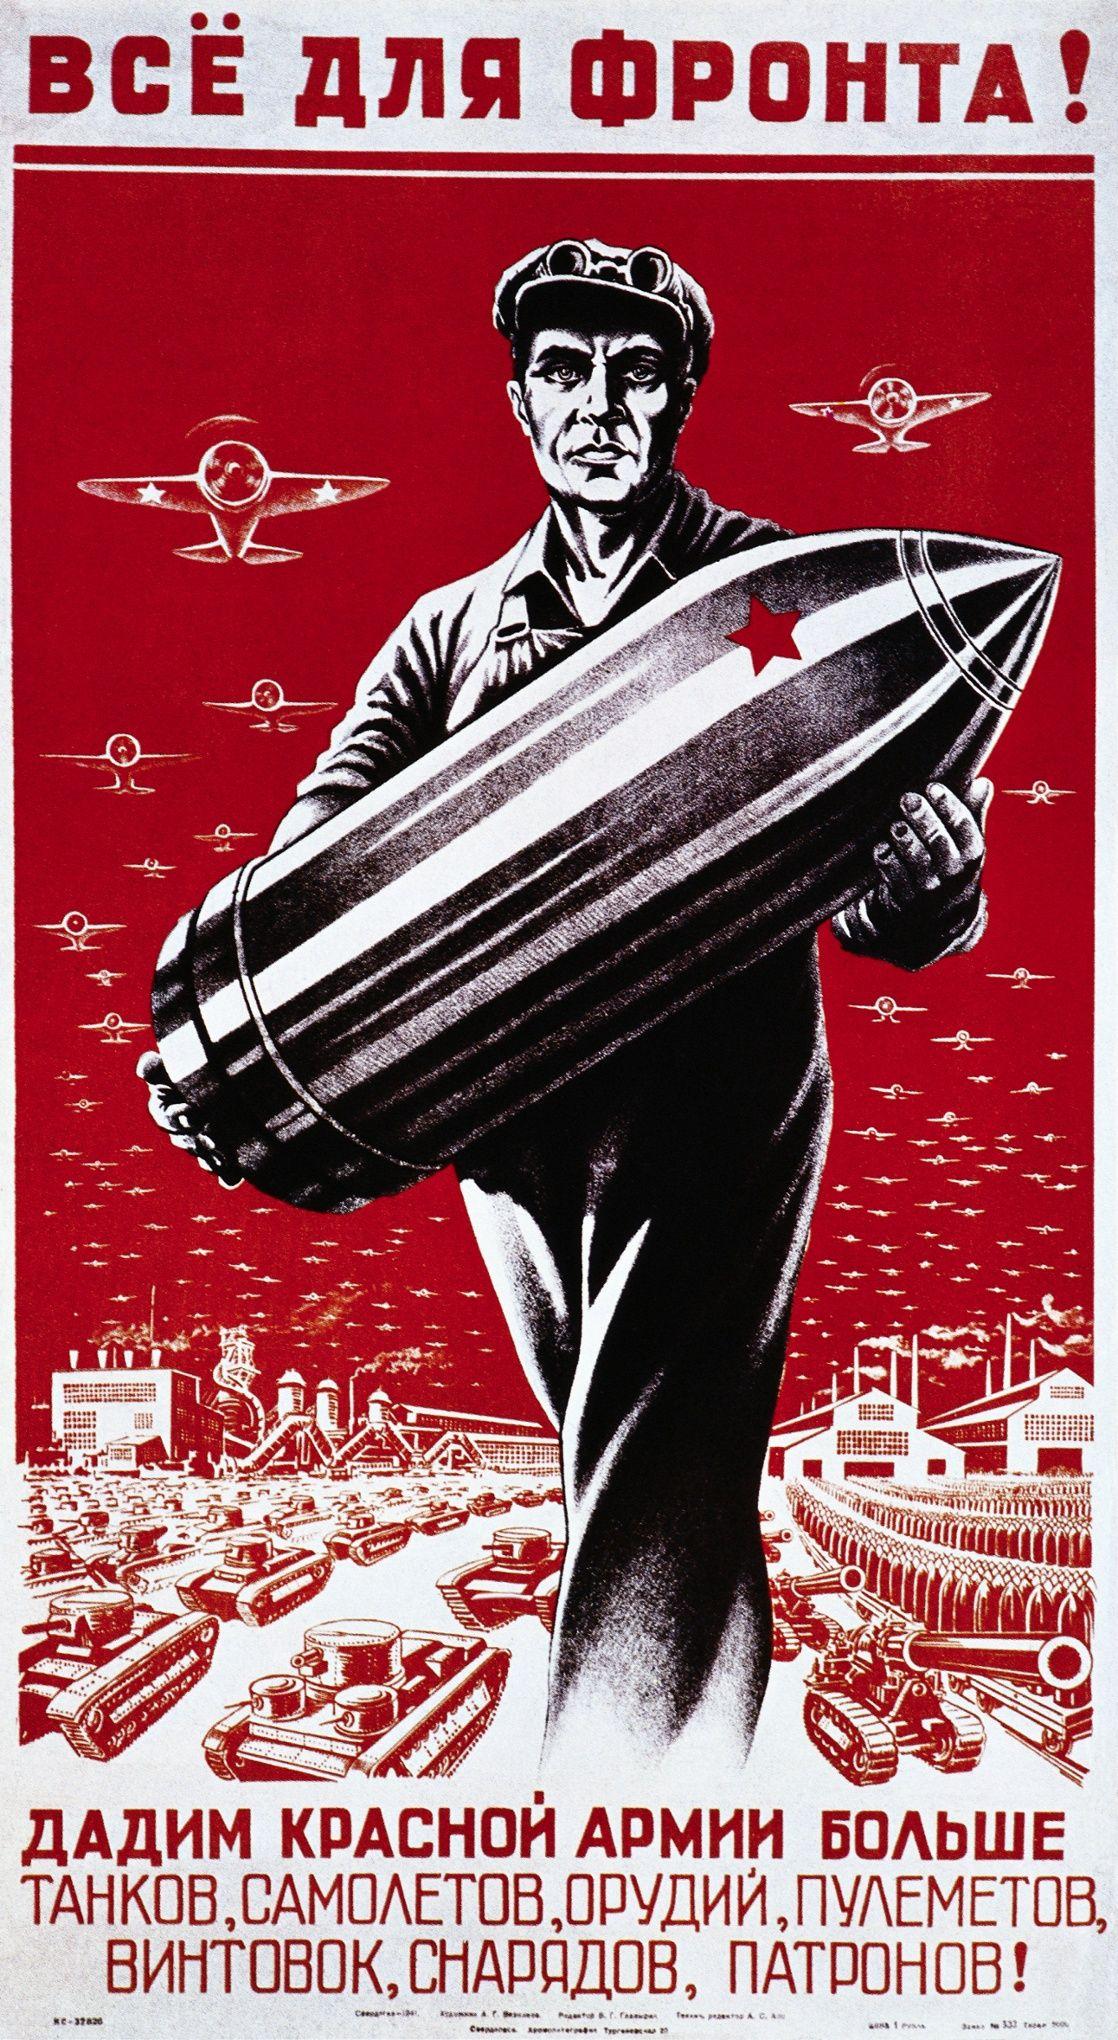 Seven decades of Soviet propaganda – in pictures | Ww2 ...